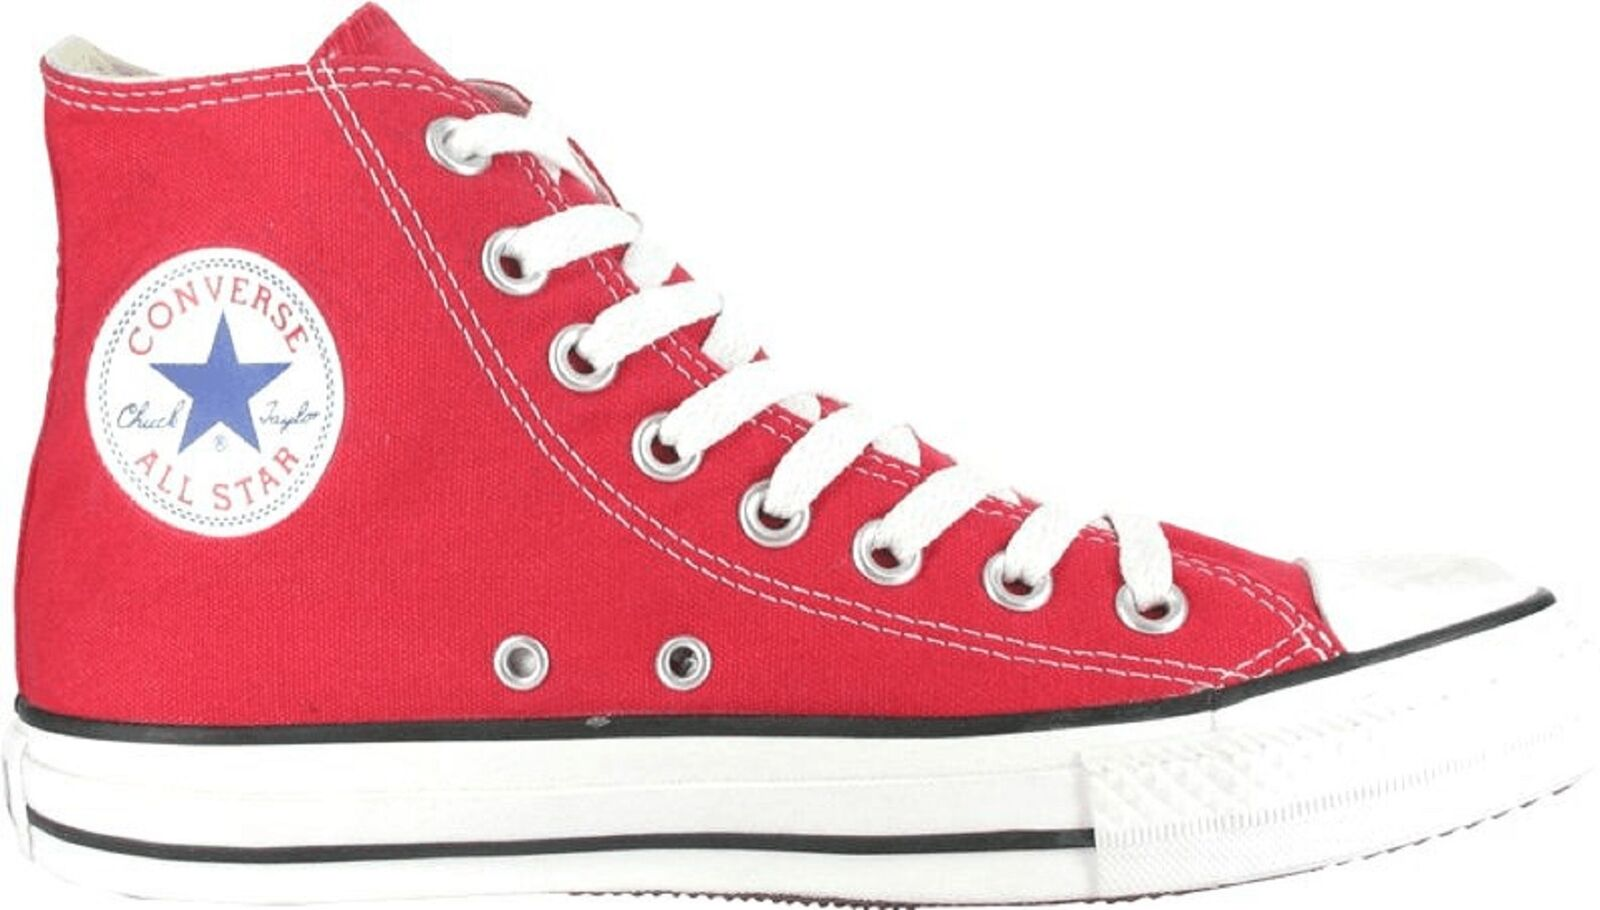 Converse CTAS OX Damen Herren Chucks Sneakers Low Turn